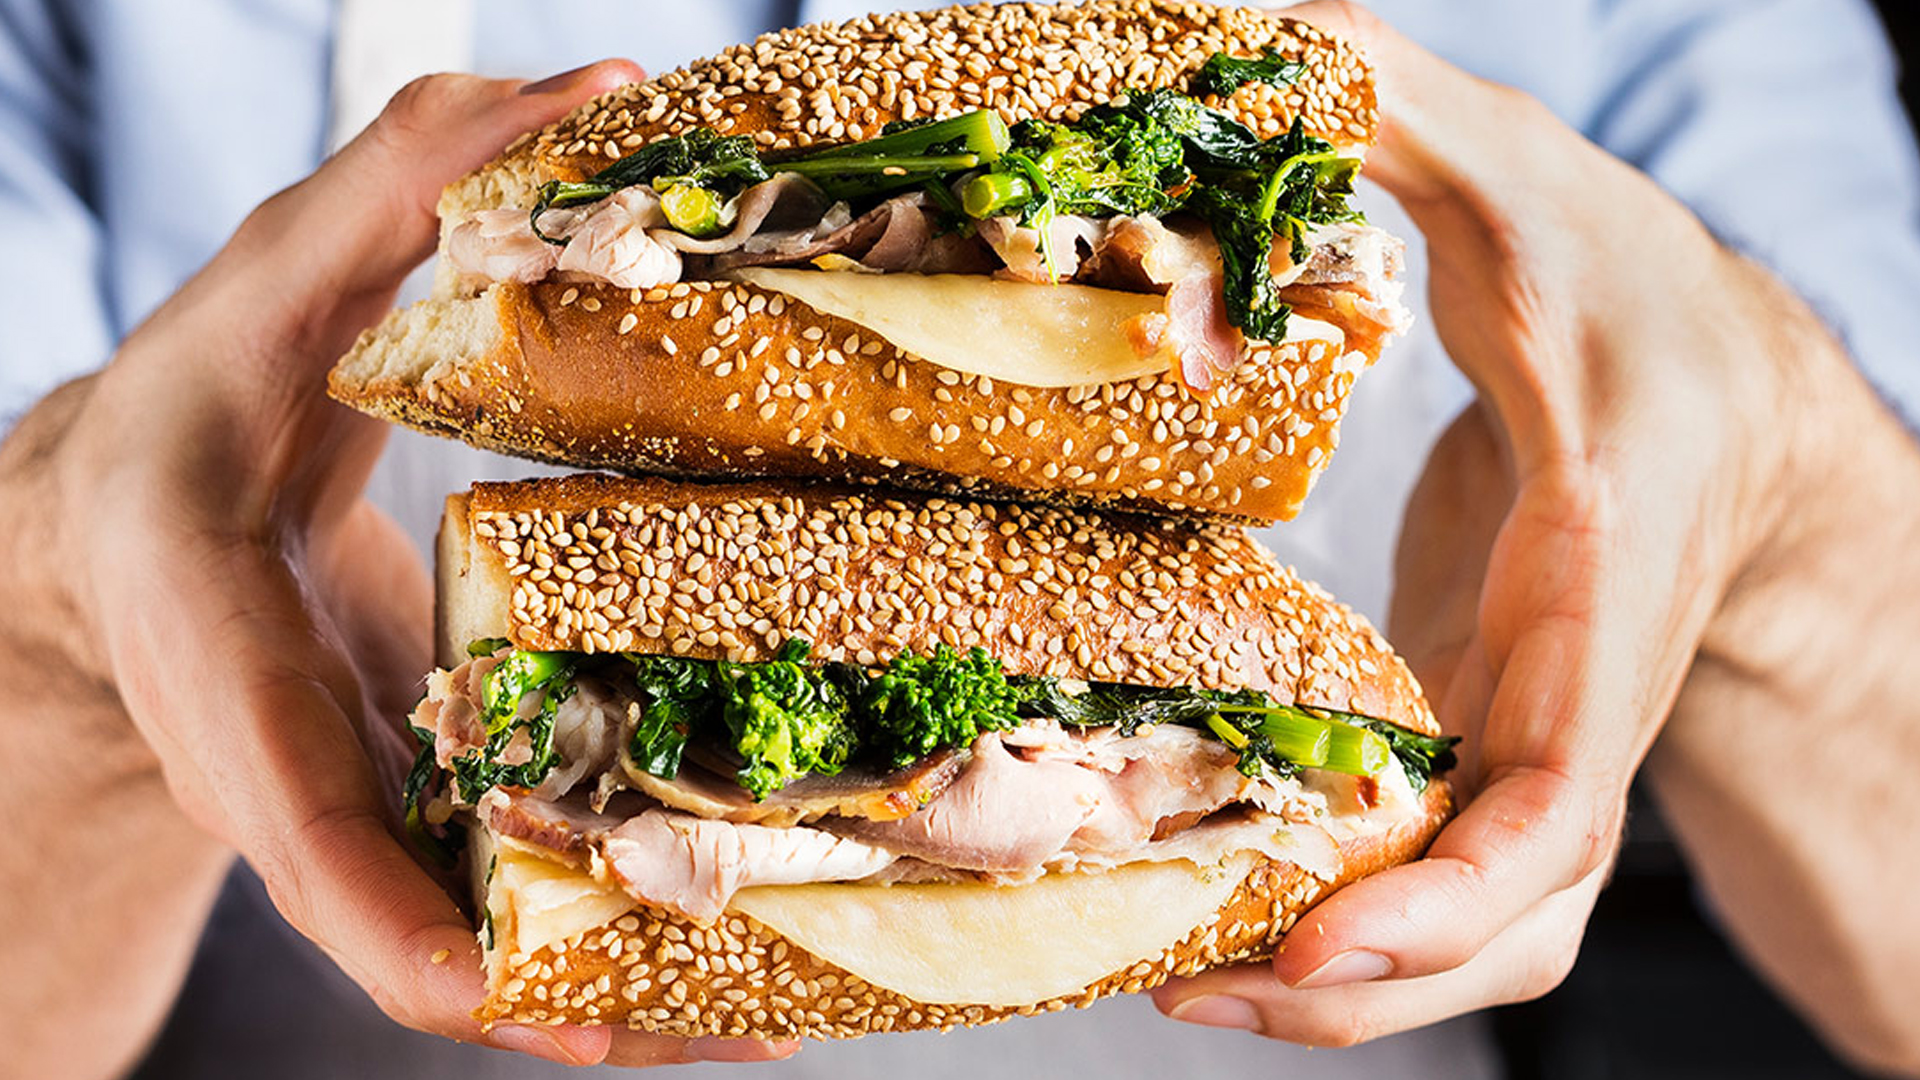 Roasted Sandwich